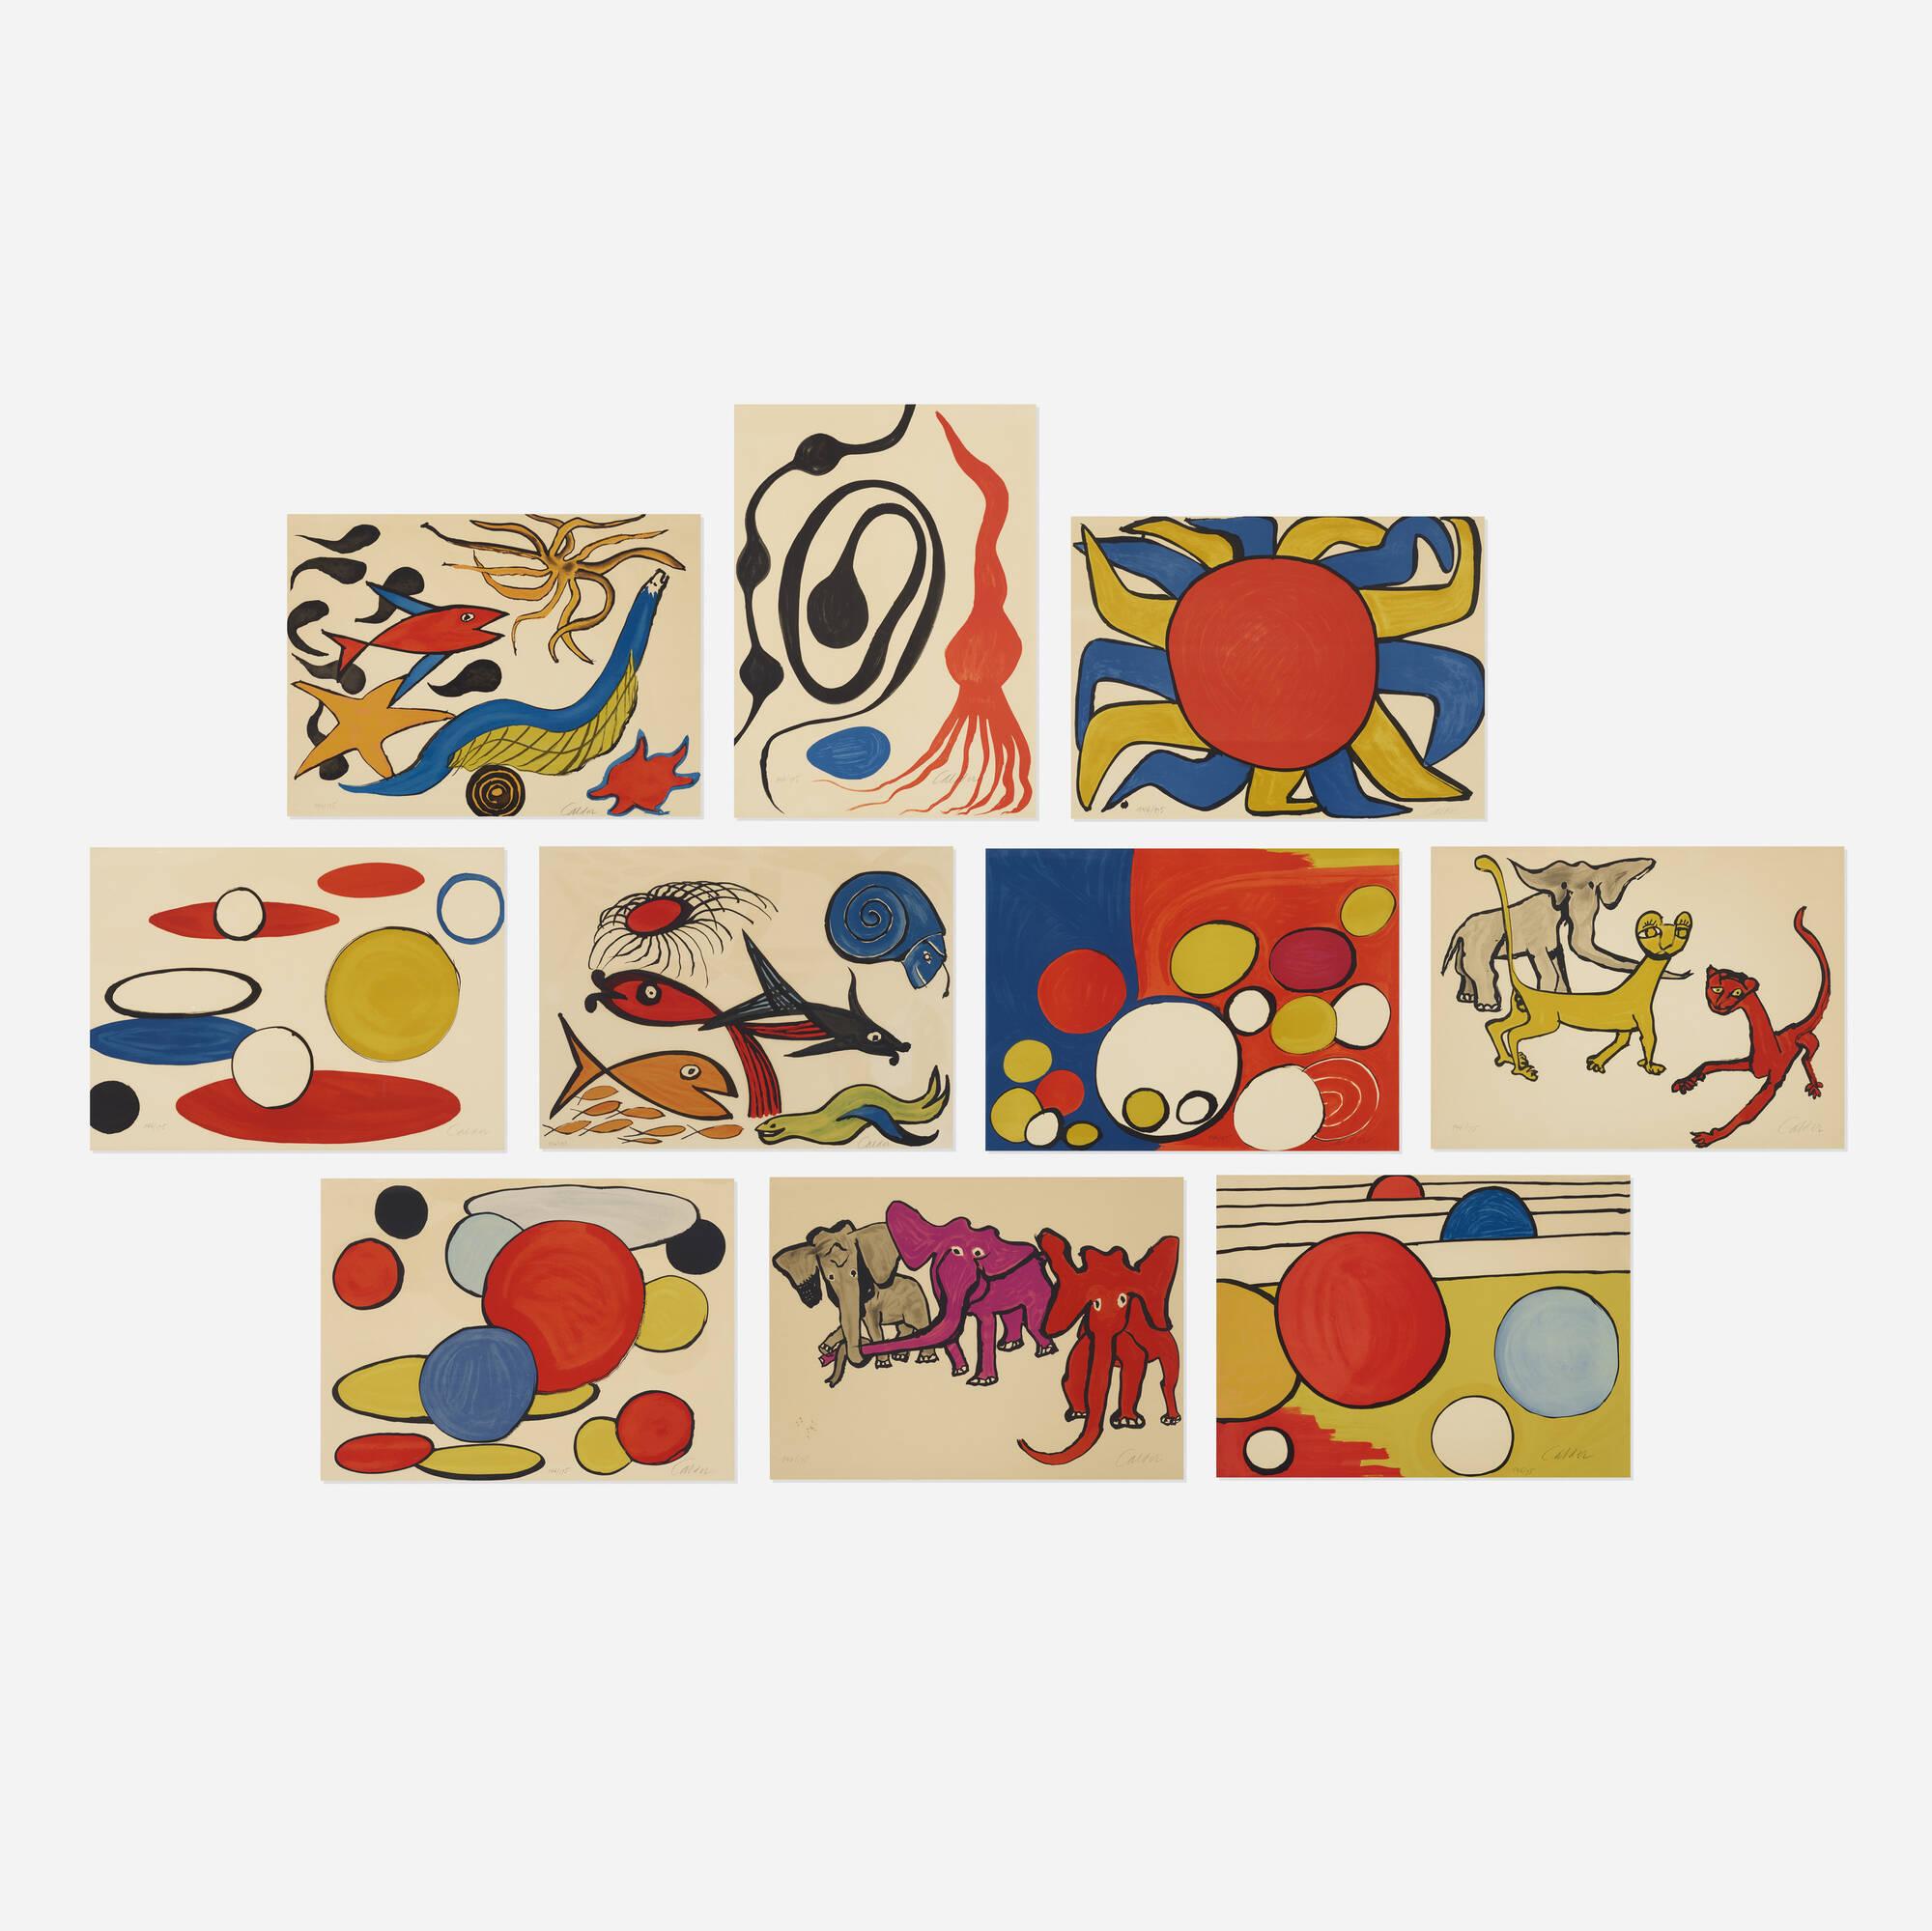 200: Alexander Calder / Our Unfinished Revolution (complete portfolio of ten works) (1 of 2)